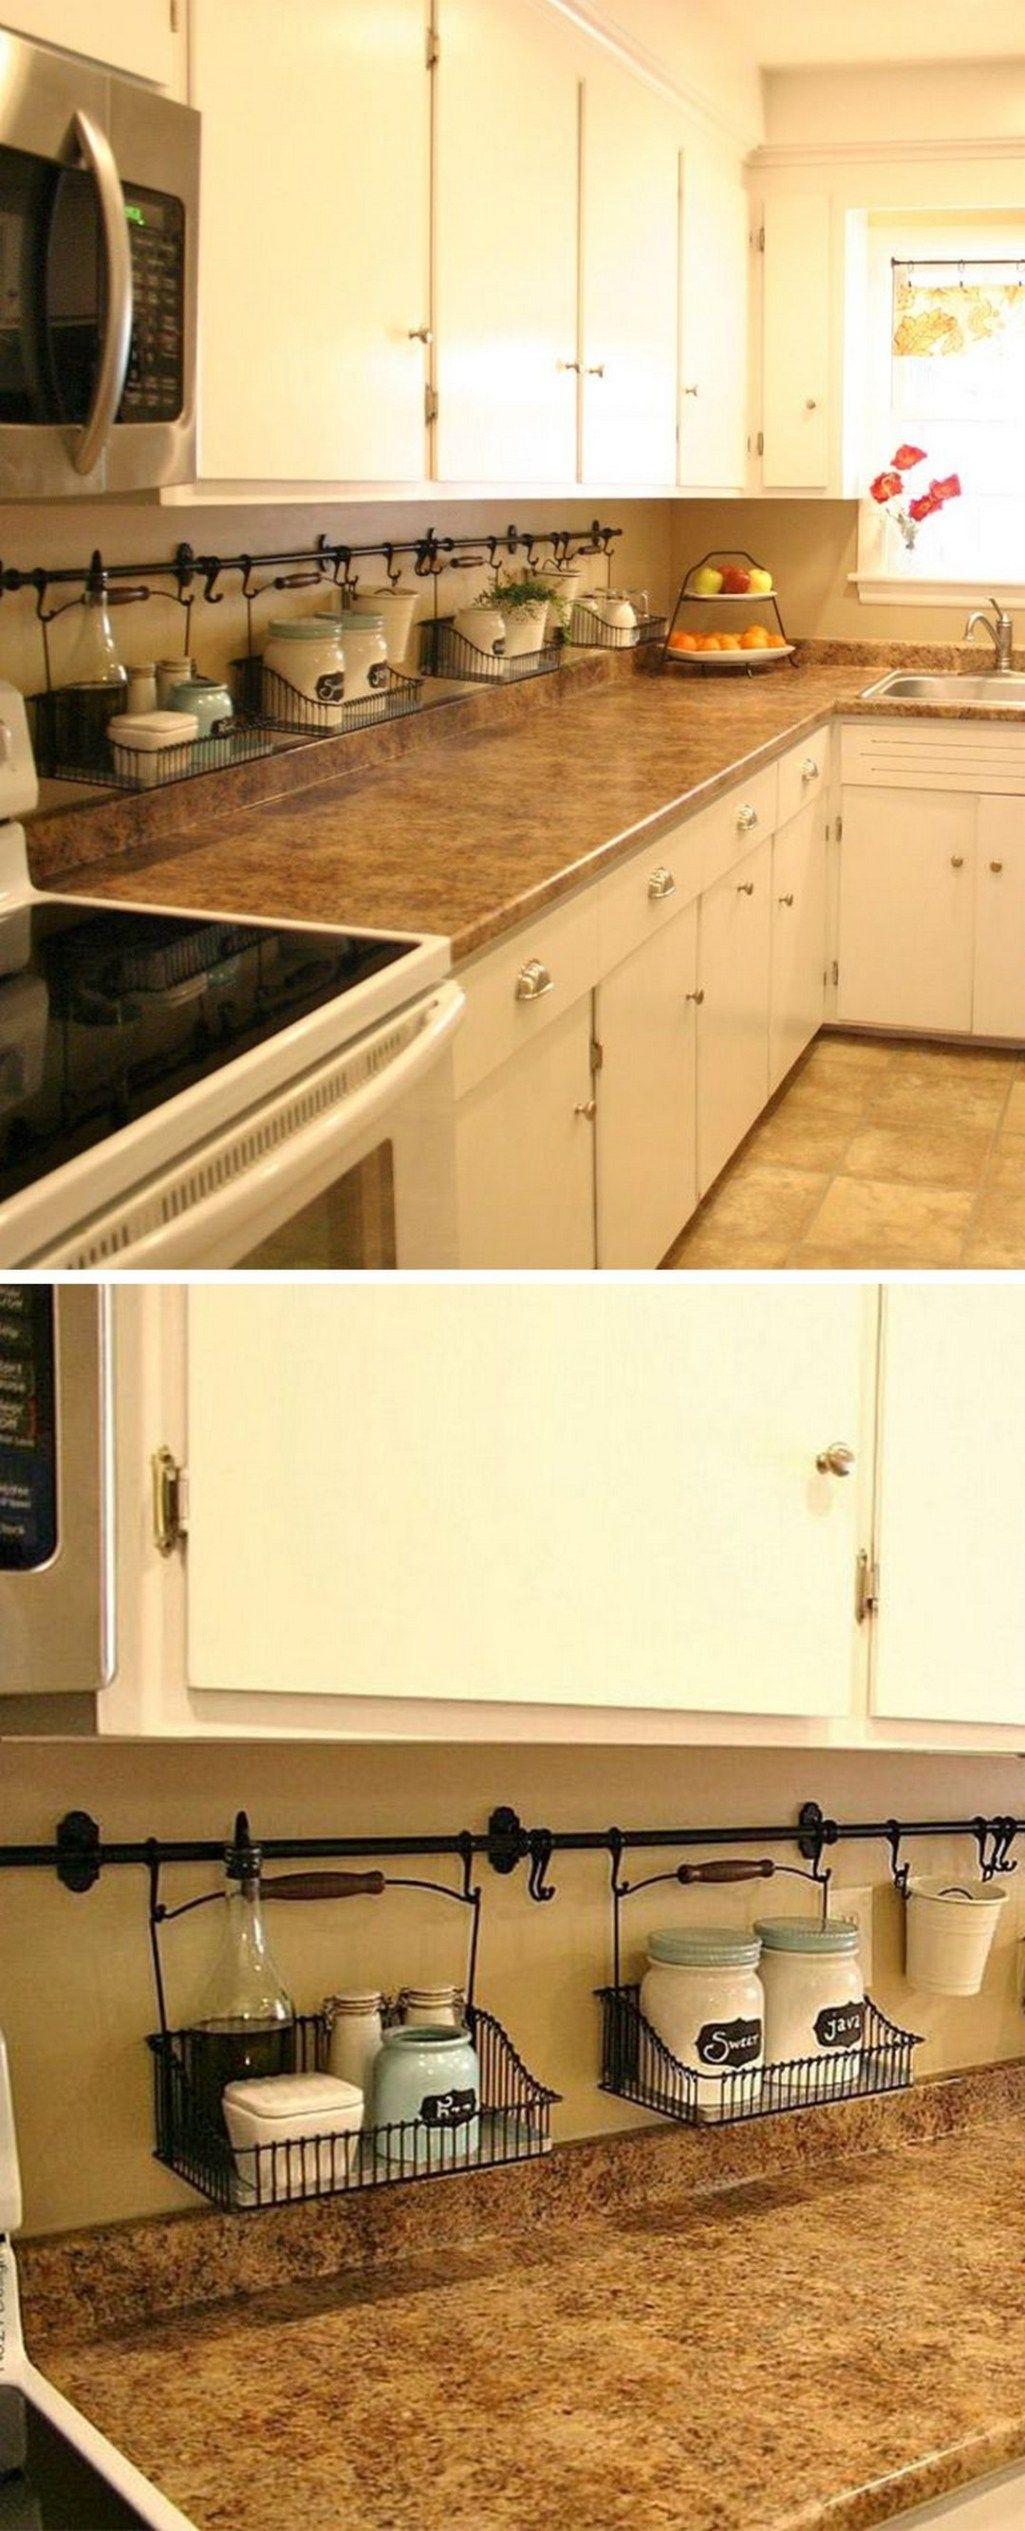 20 DIY Kitchen Organization And Storage Hacks Ideas (17